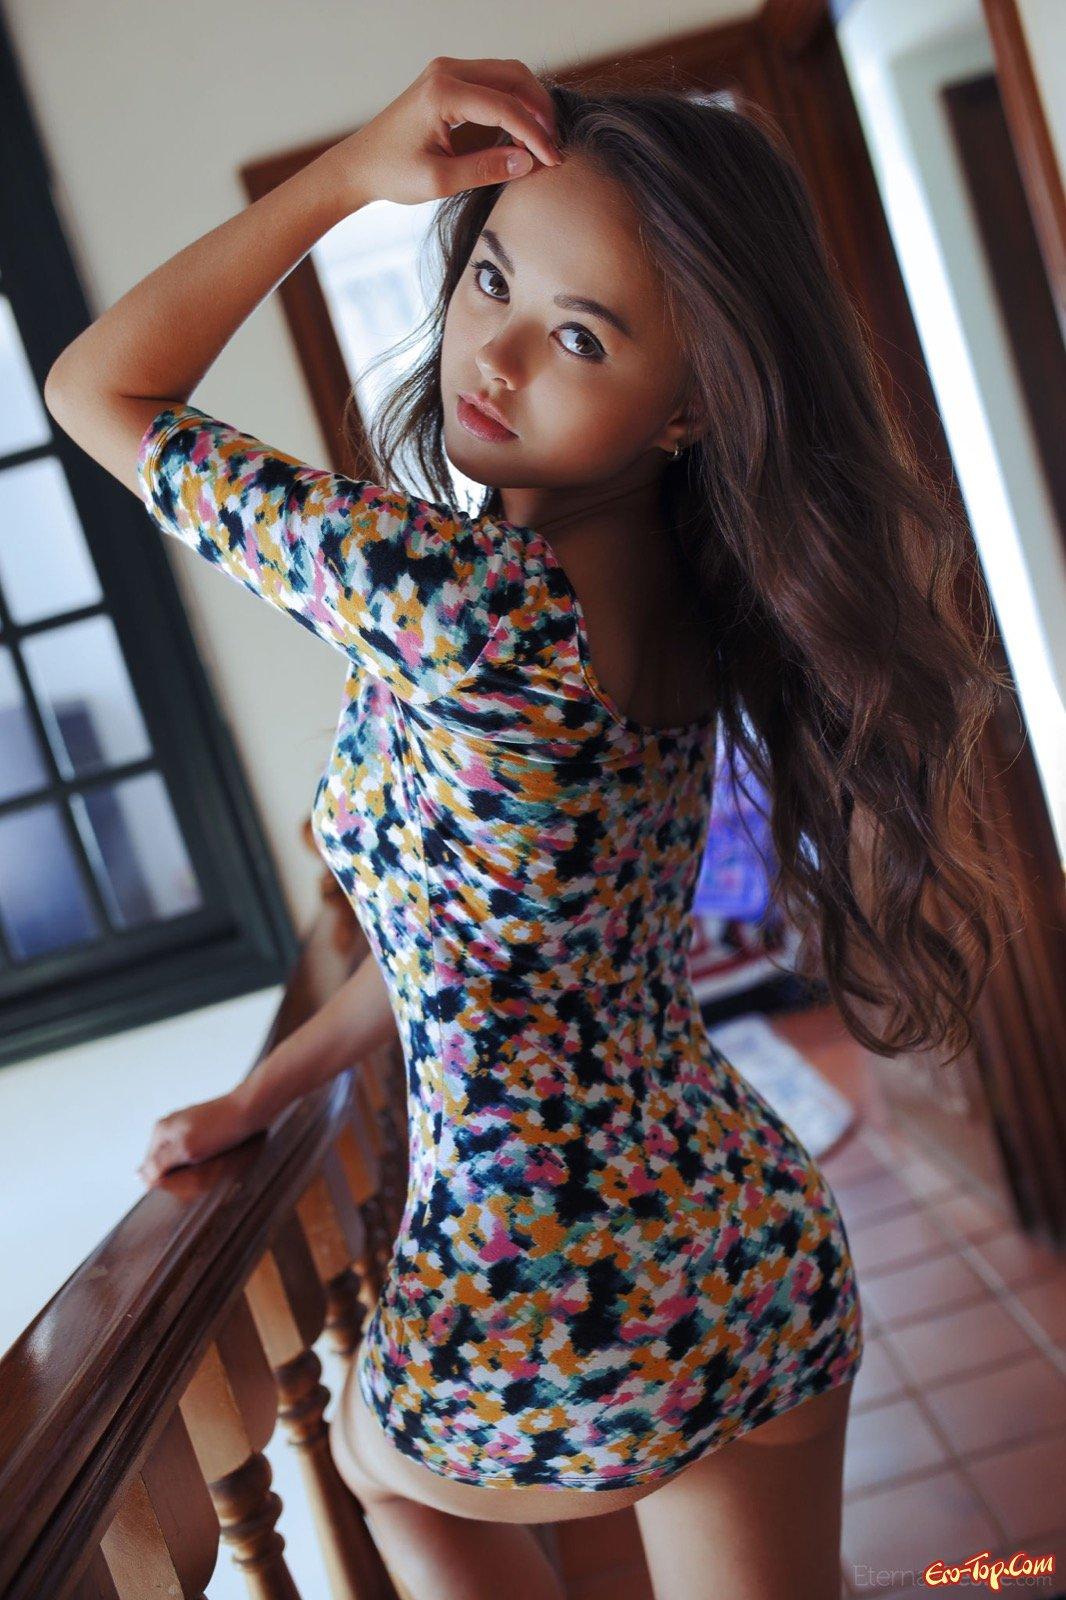 Симпатичная чика в коротком платье без трусов